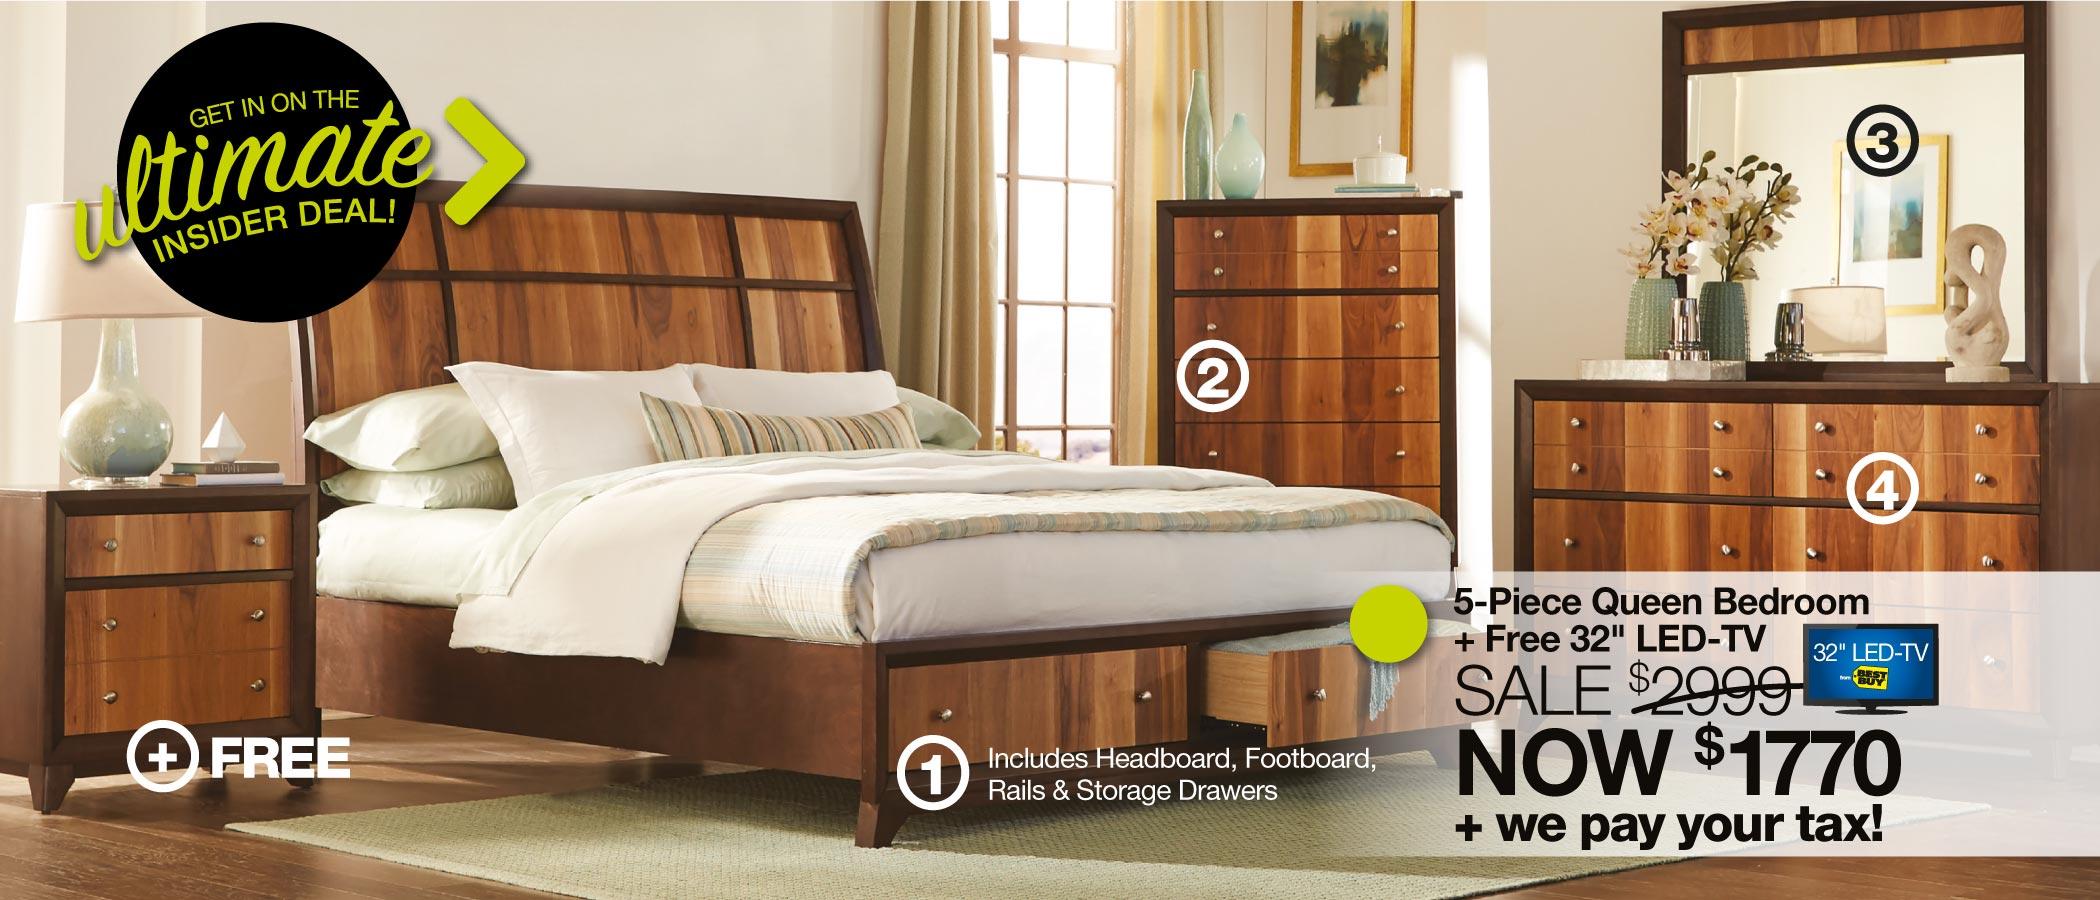 Set wooden bedroom furniture set view royal furniture bedroom sets - Set Wooden Bedroom Furniture Set View Royal Furniture Bedroom Sets 31